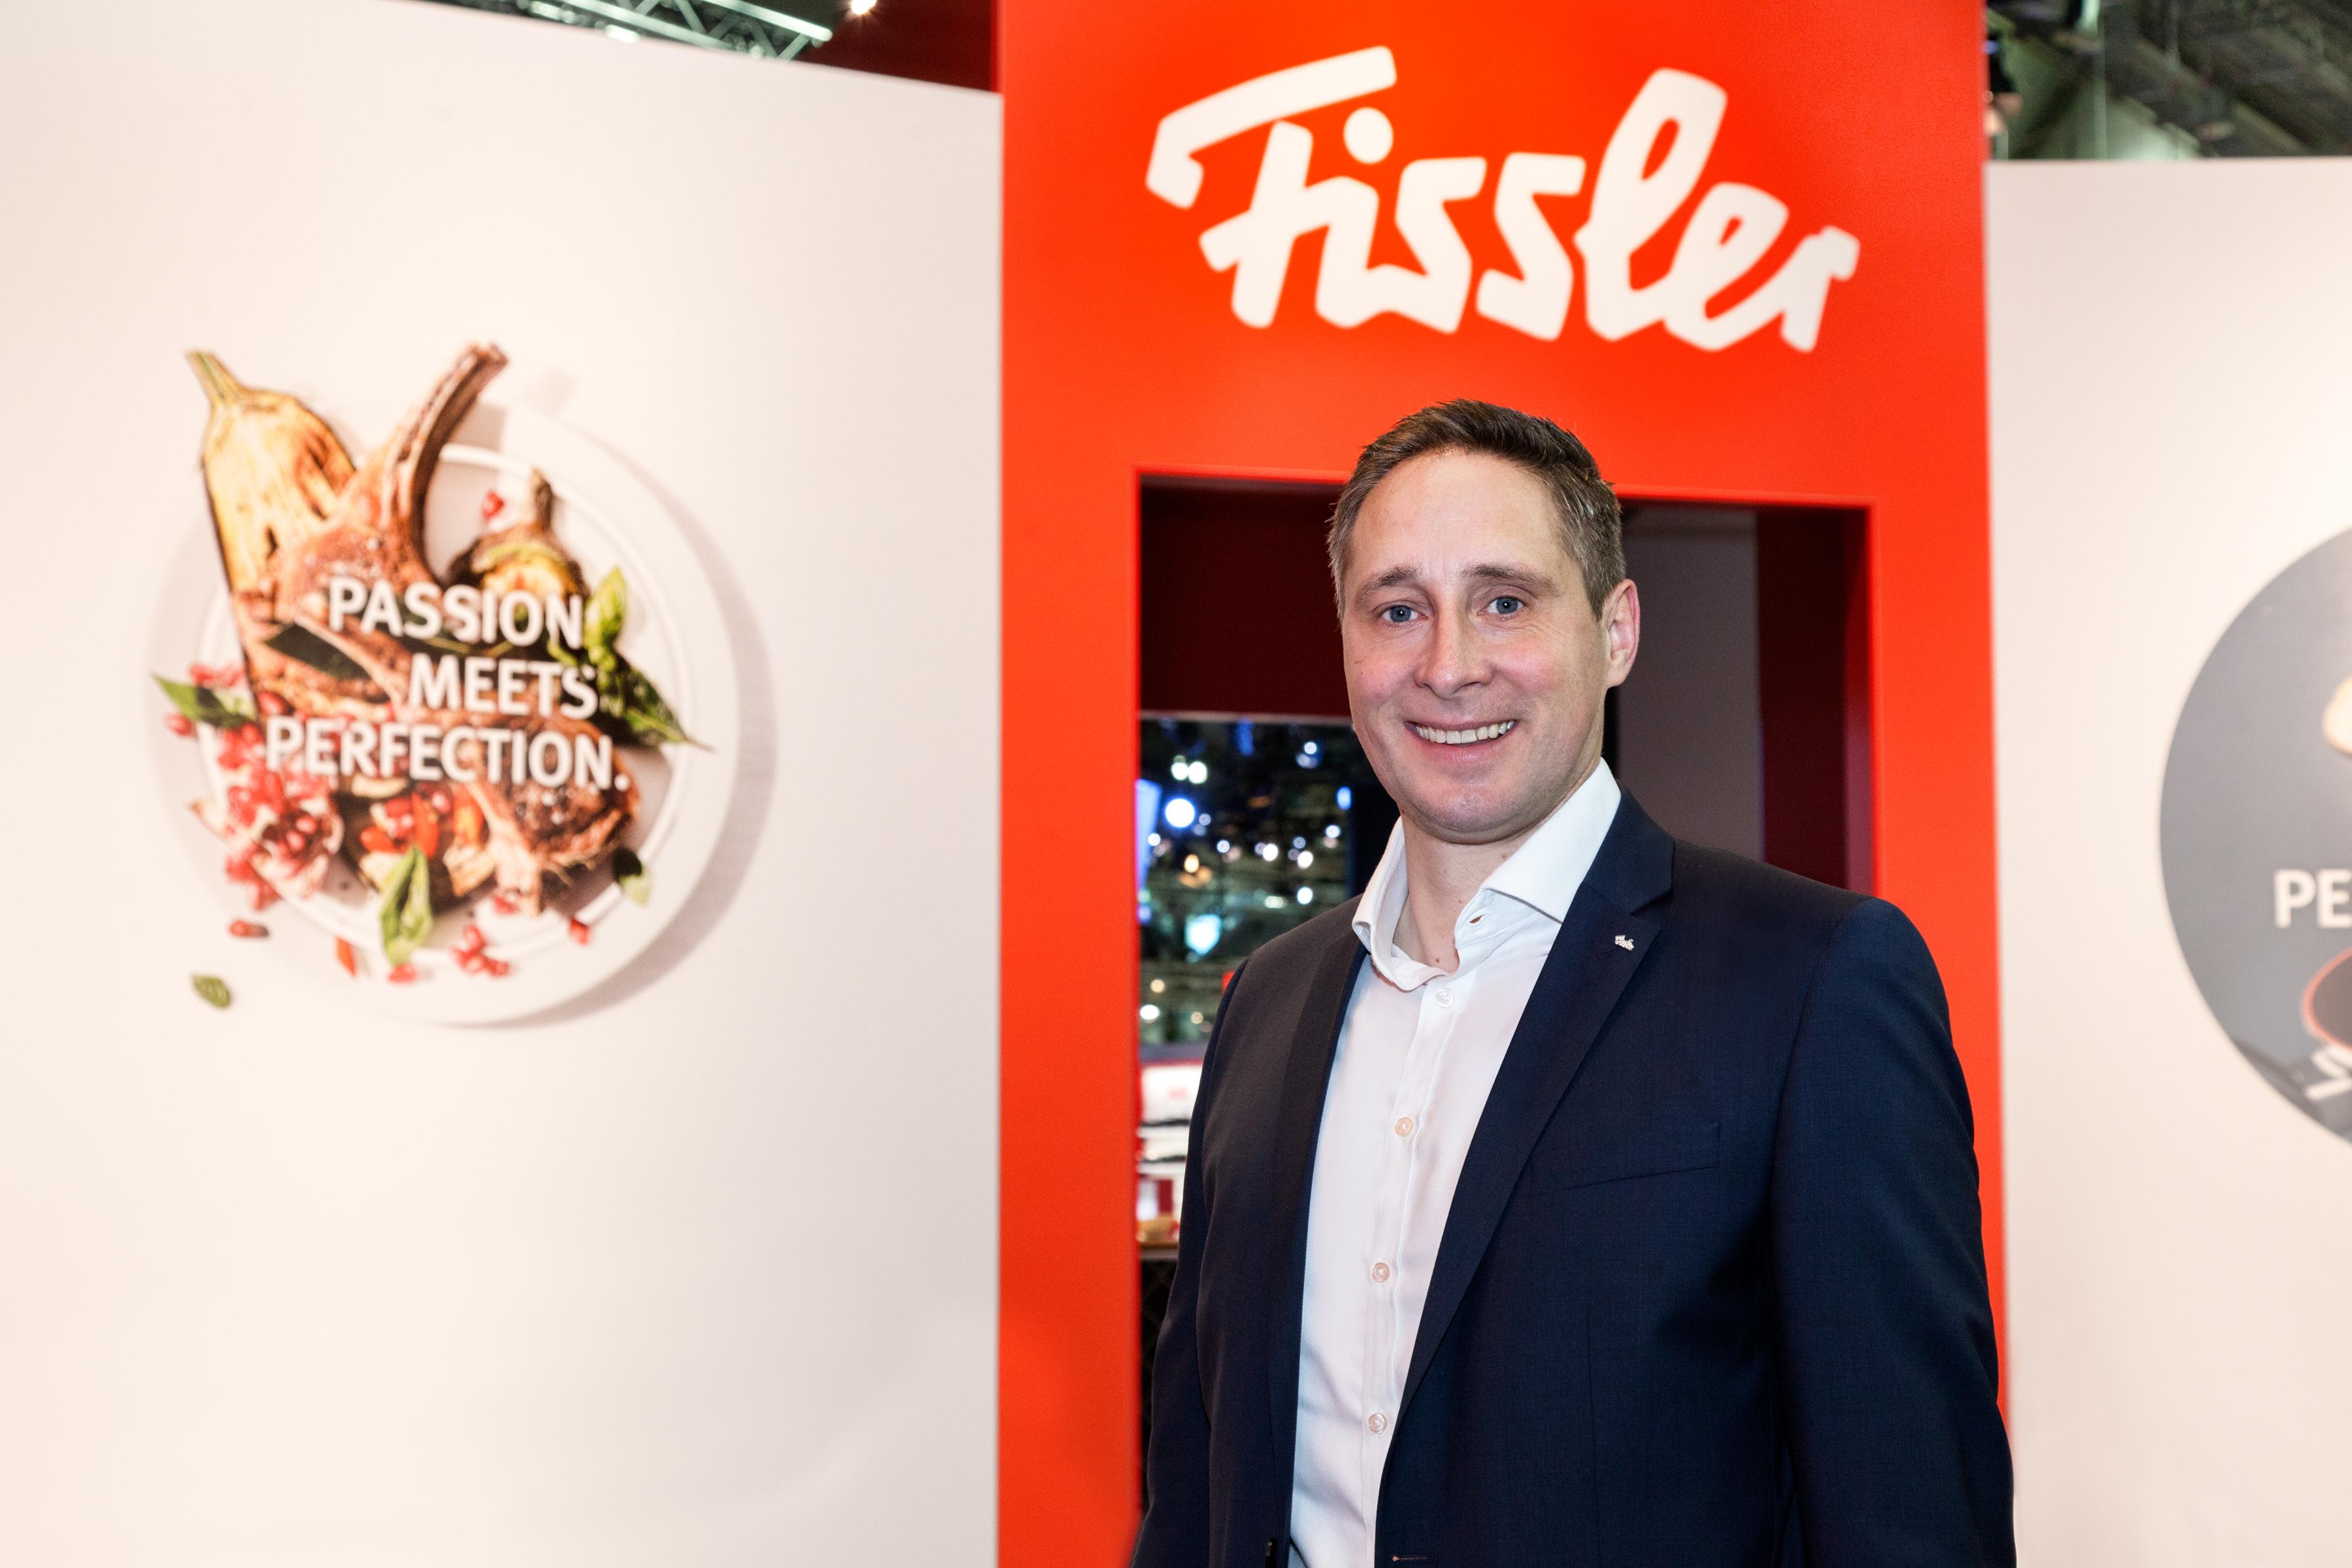 Fissler stärkt sein Markenprofil